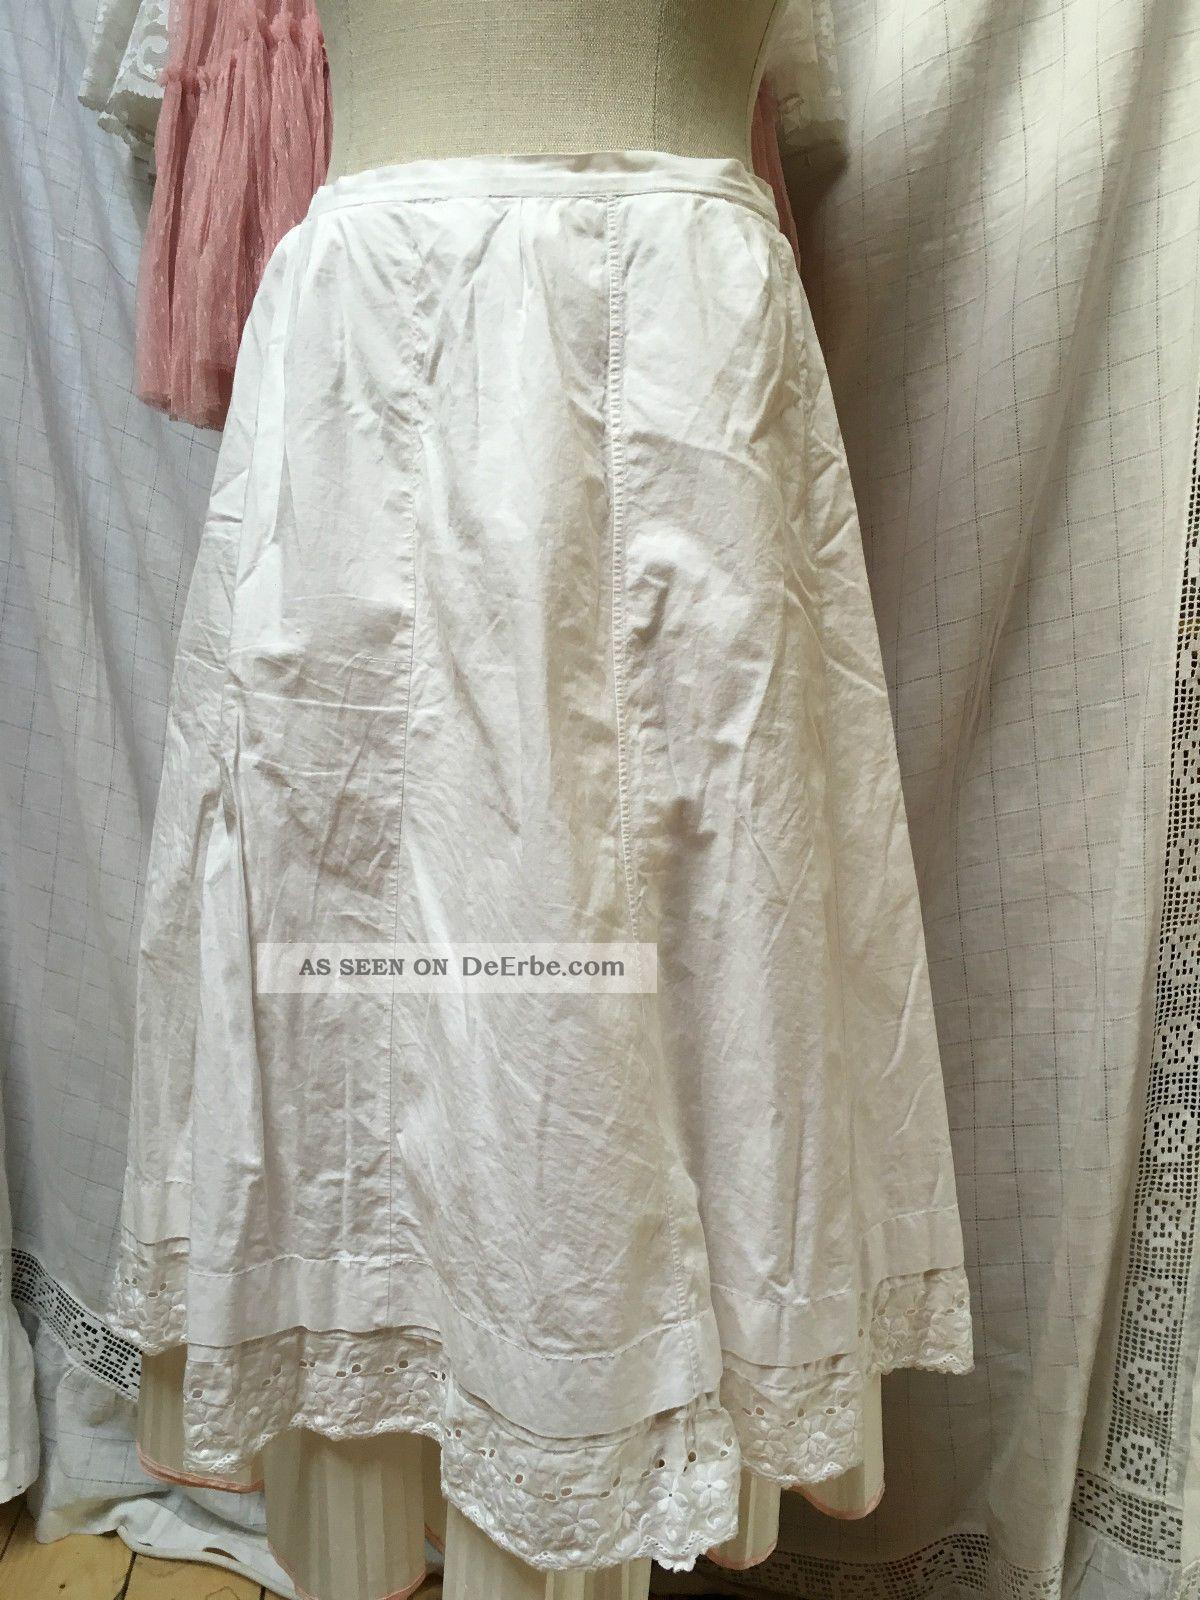 Schlichter Unterrock Rock Baumwolle Weiß Trachtenunterrock Xs S 34 36 Lochspitze Kleidung Bild